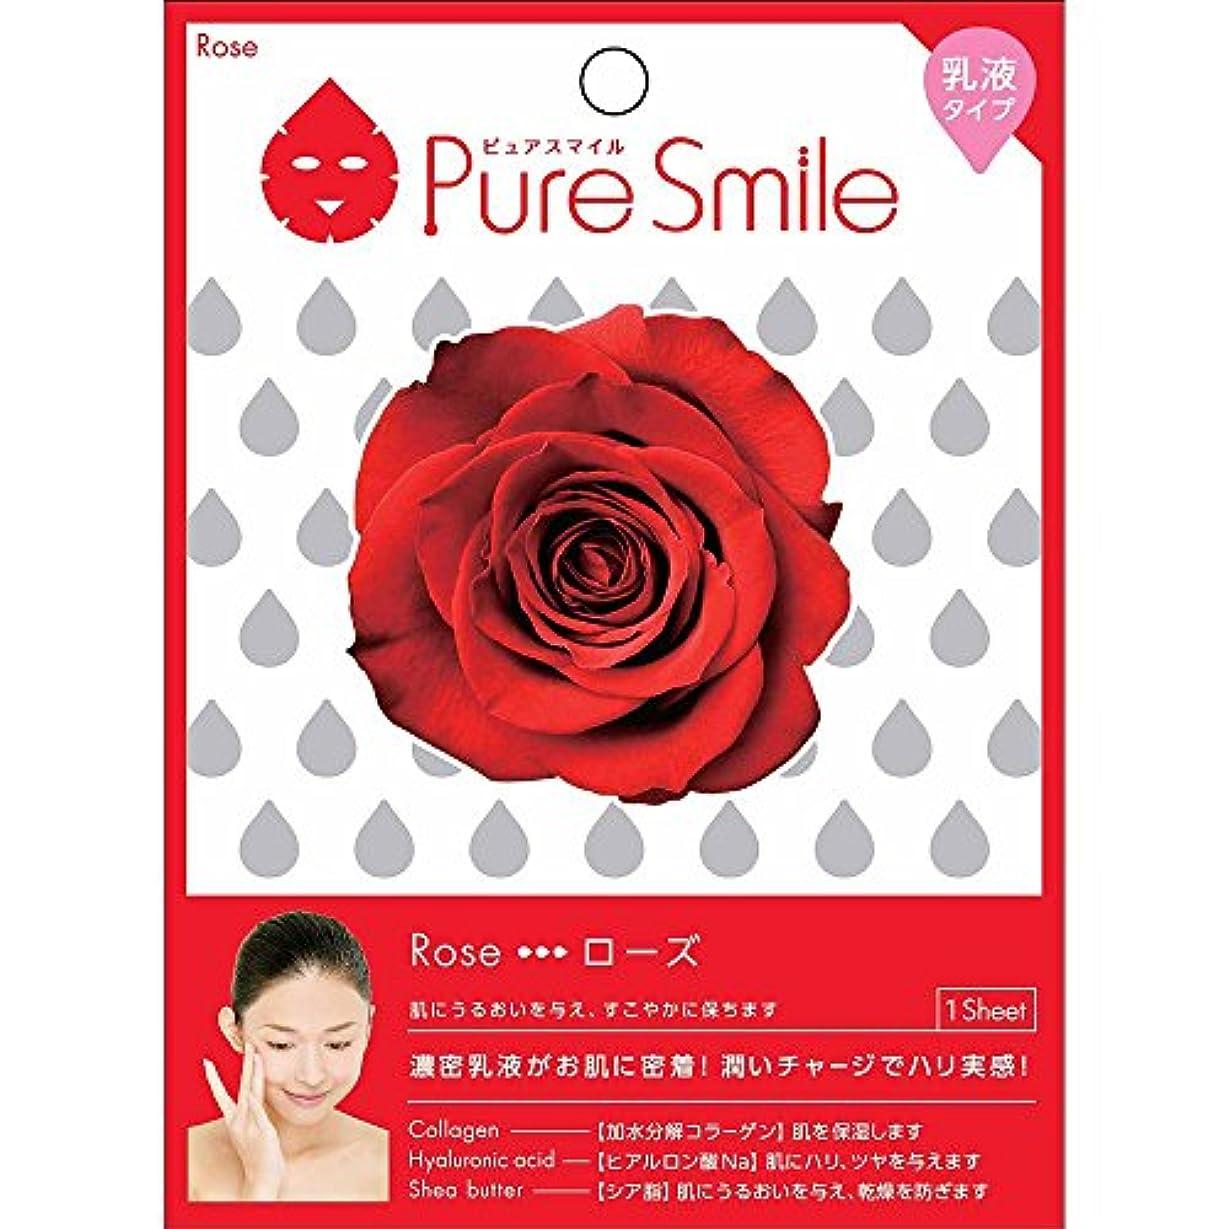 剥離おめでとう混乱Pure Smile(ピュアスマイル) 乳液エッセンスマスク 1 枚 ローズ